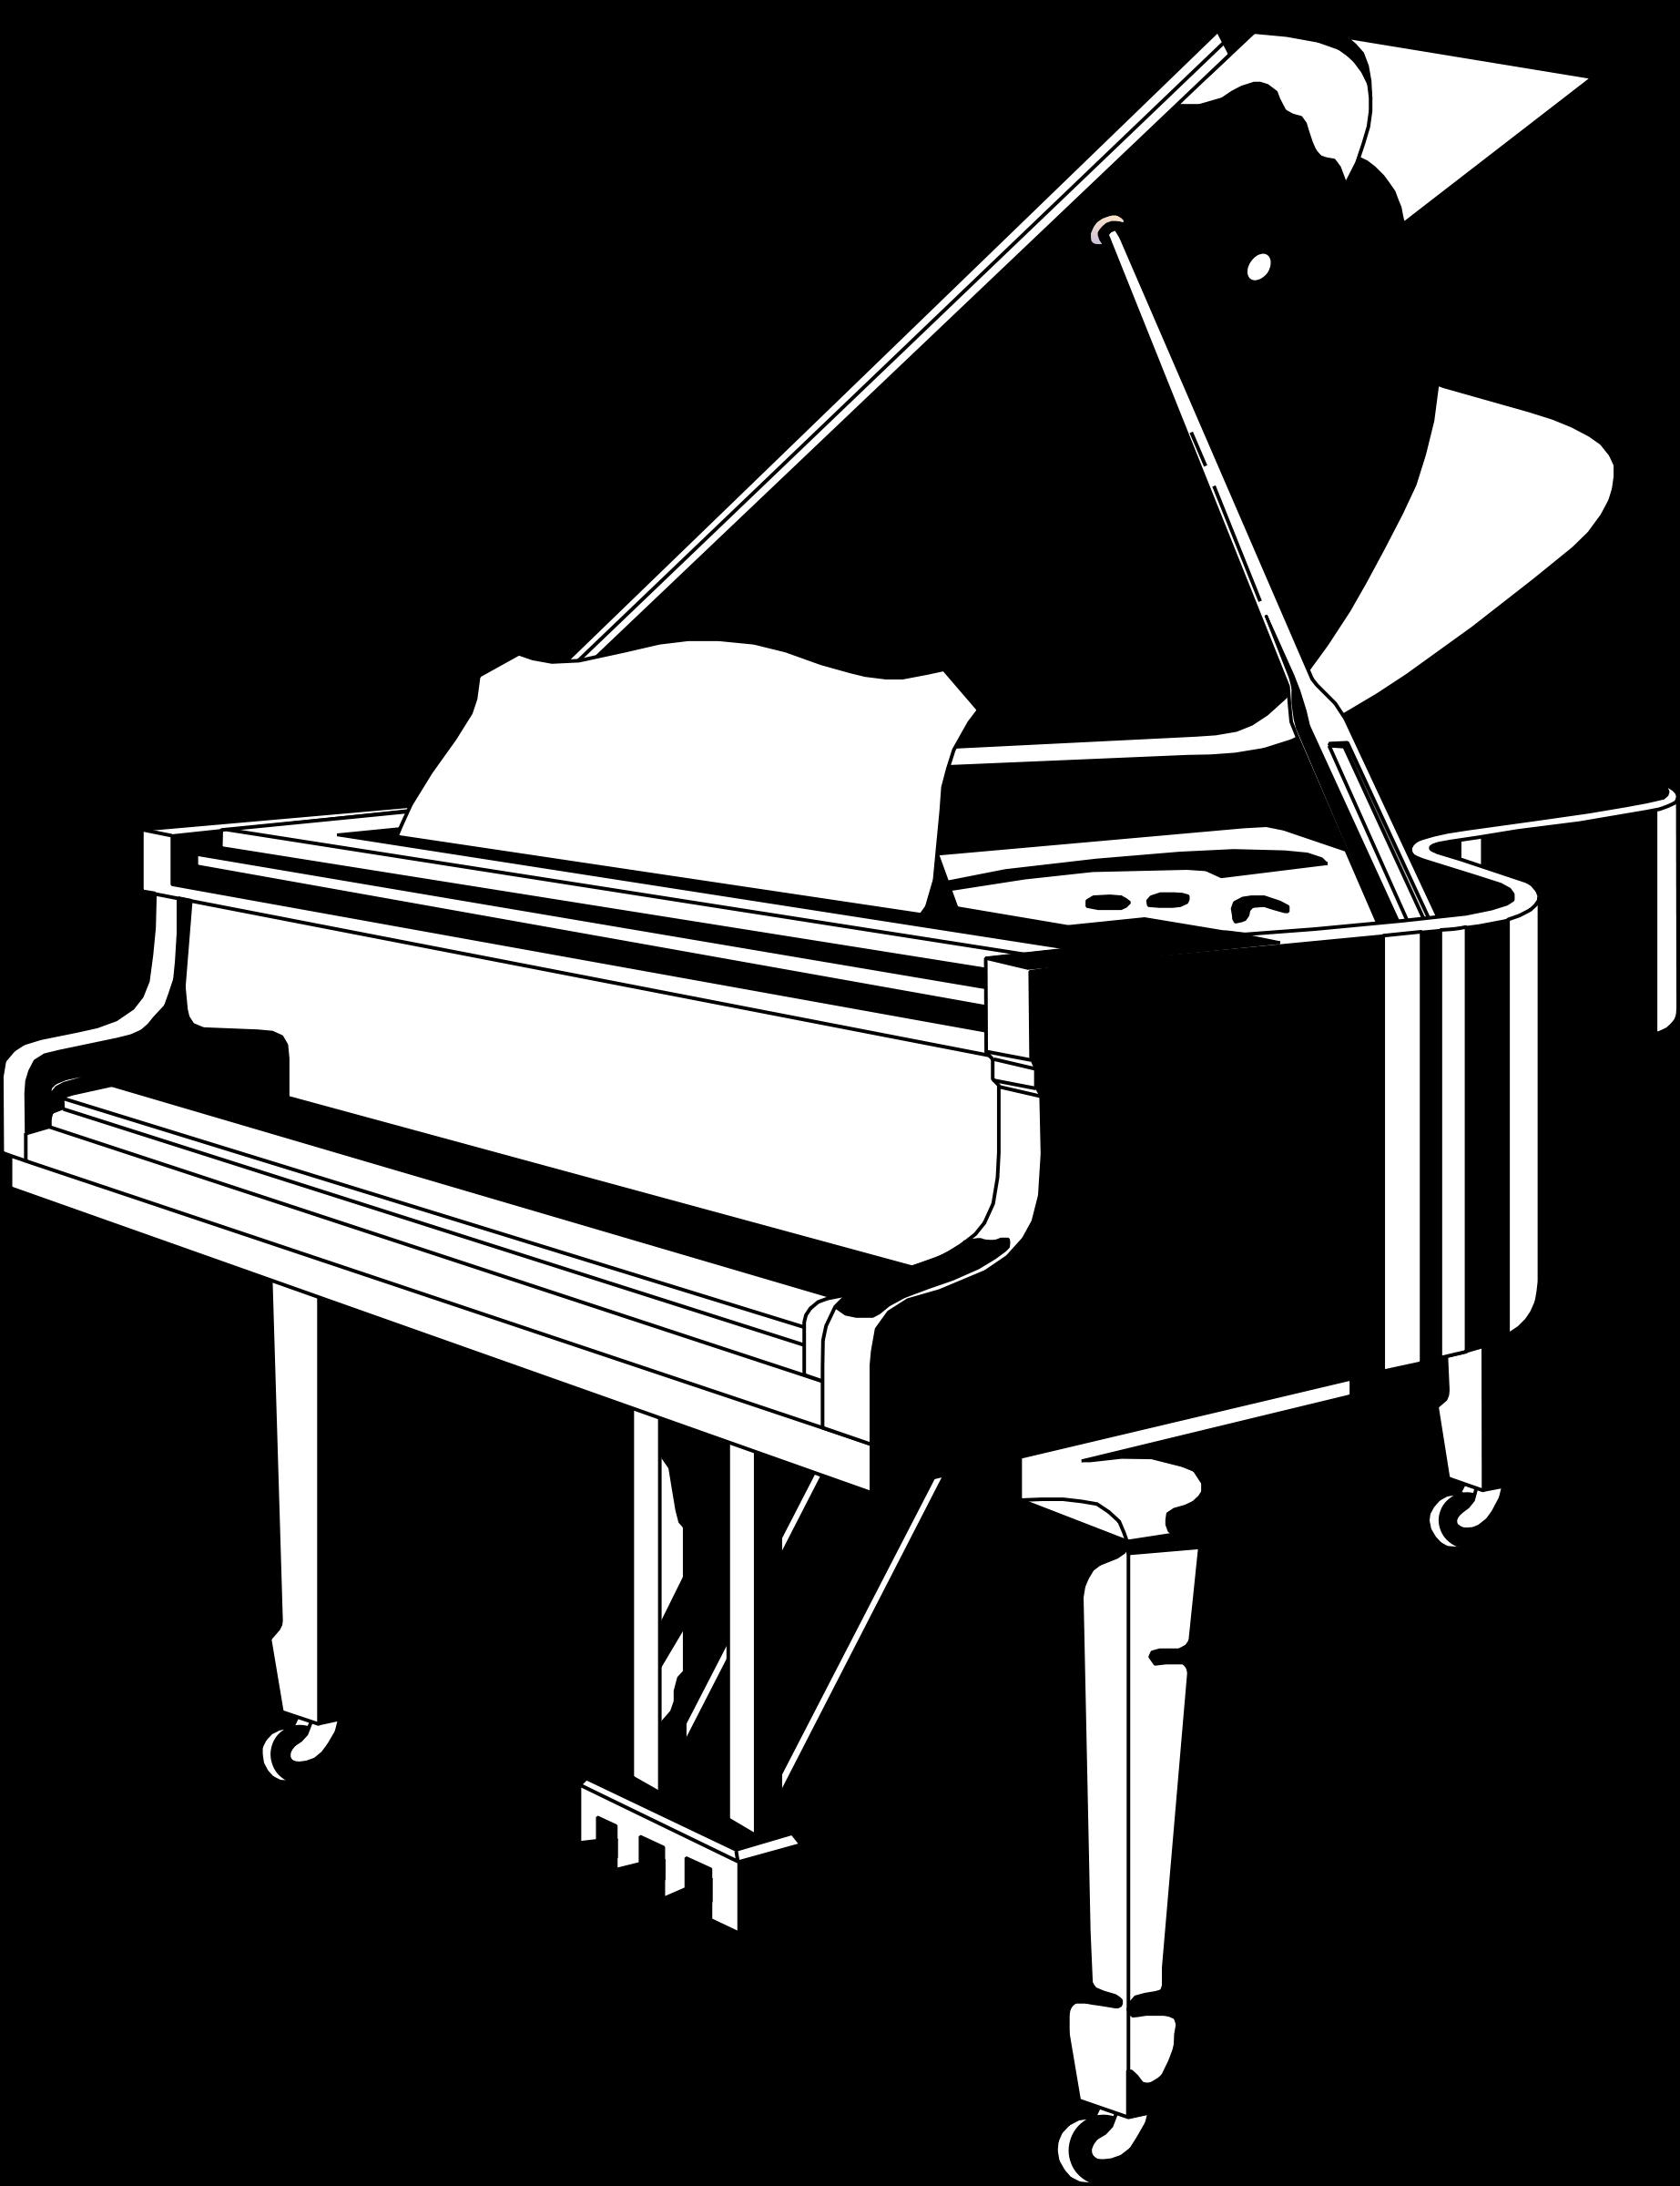 clipart piano black white clipart panda free clipart images rh clipartpanda com clip art piano keyboard clip art piano keyboard